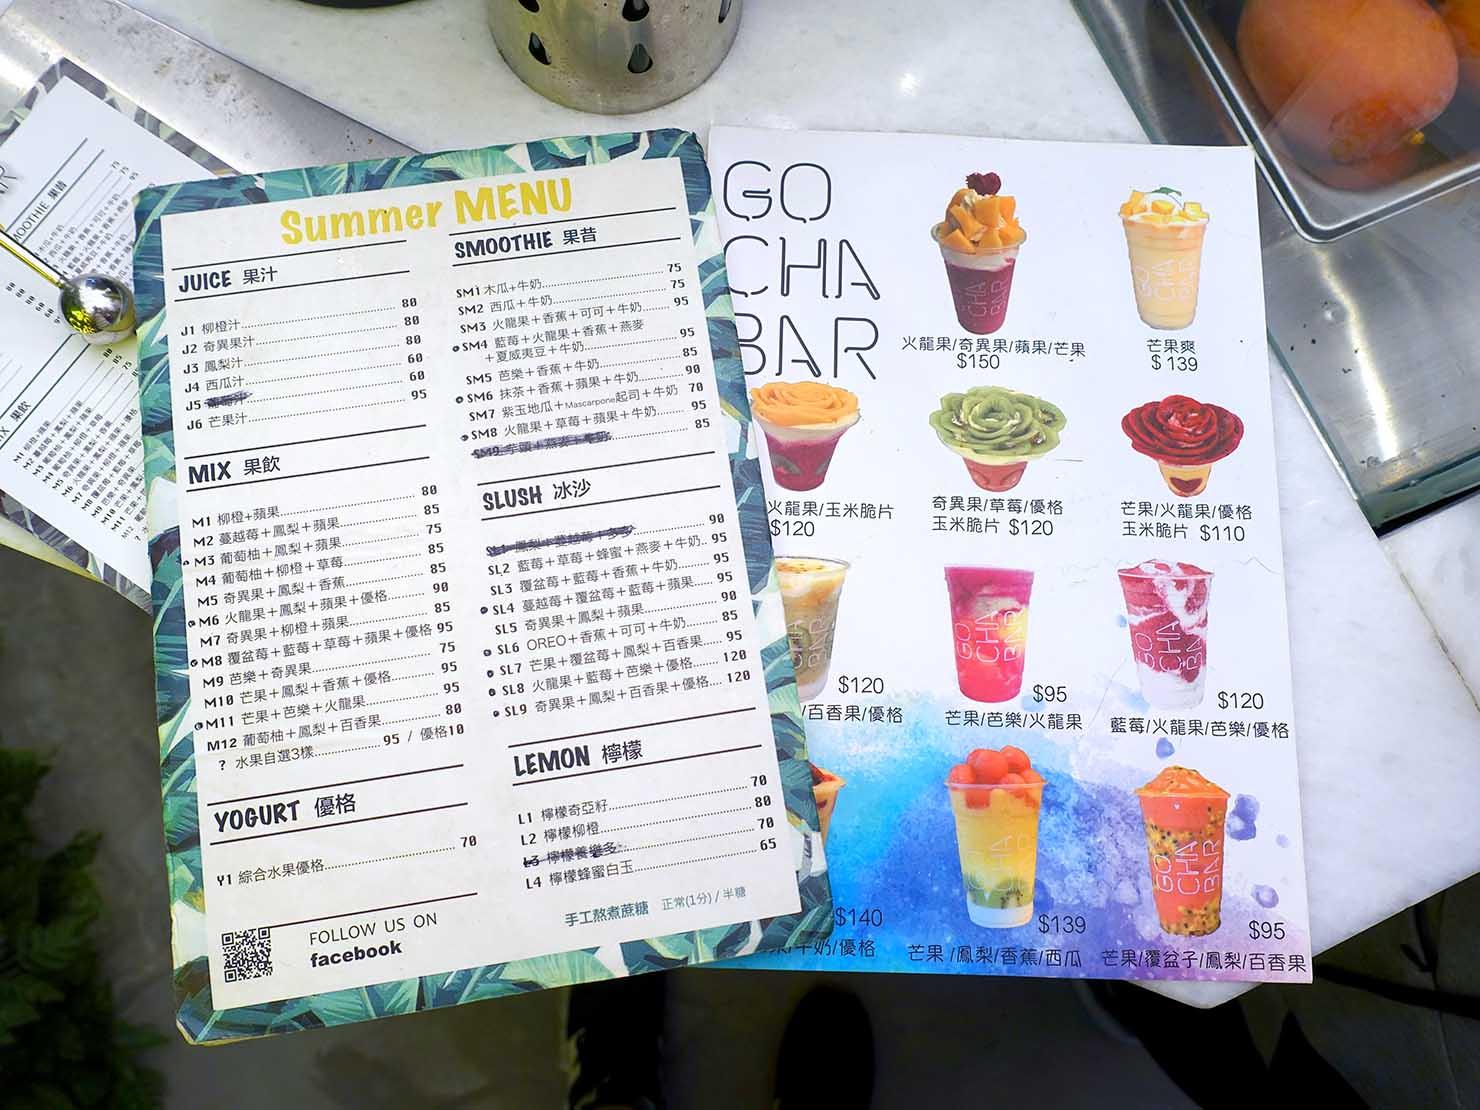 台北・中山駅周辺のおすすめドリンクスタンド「果汁吧 GO CHA BAR」のメニュー